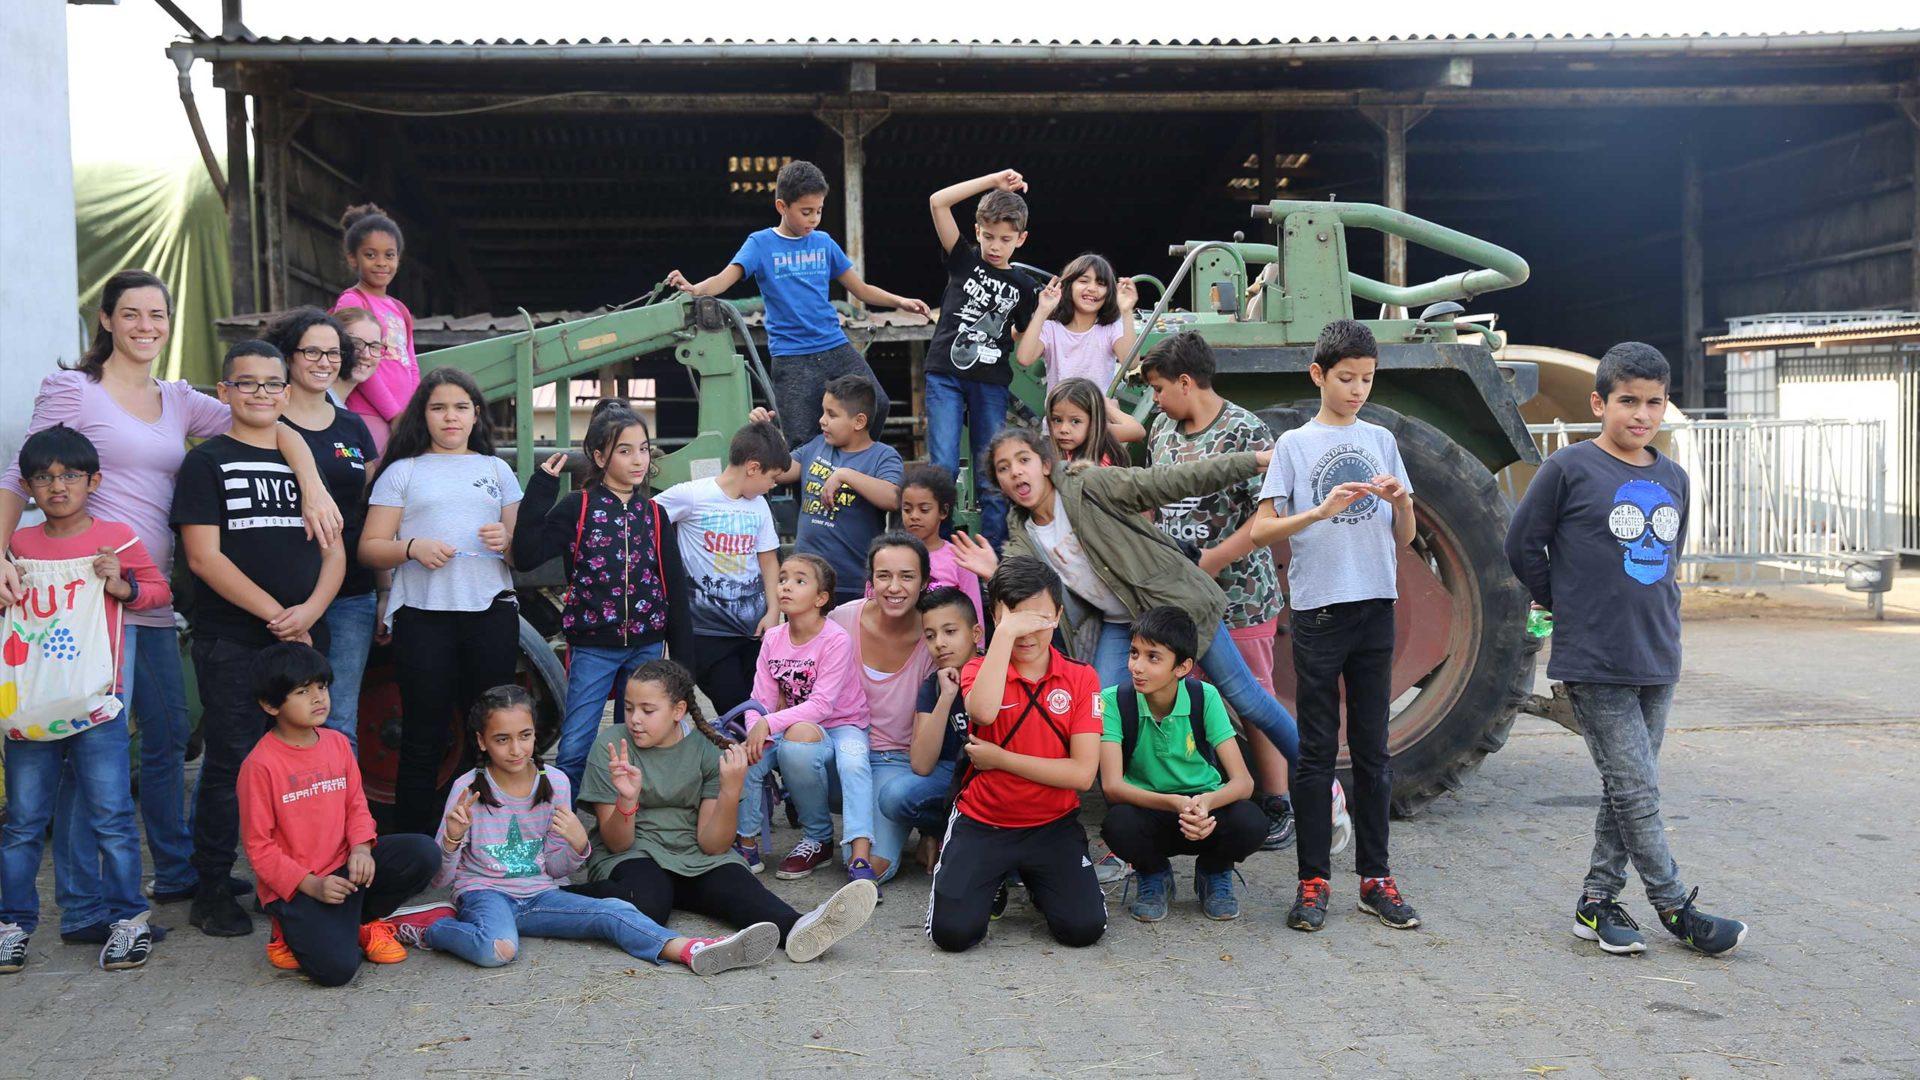 Aktion Mahlzeit auf dem Milchhof. Gruppenfoto auf einem Traktor.